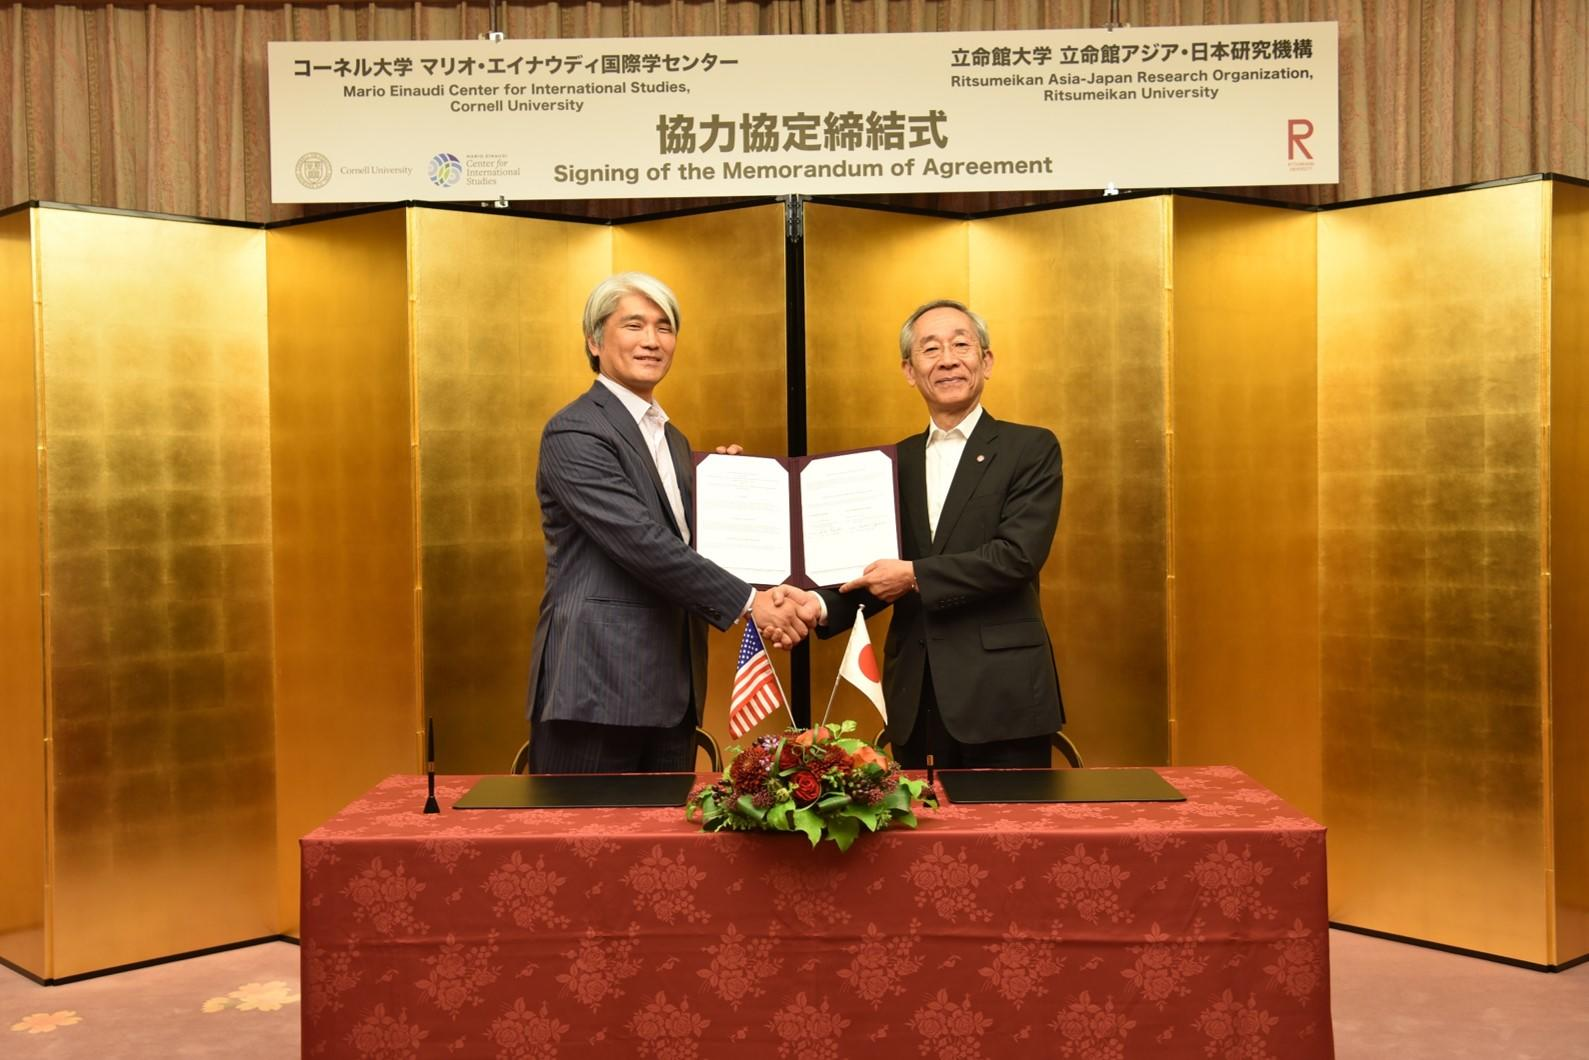 立命館大学 立命館アジア・日本研究機構がコーネル大学マリオ・エイナウディ国際学センターと協力協定を締結